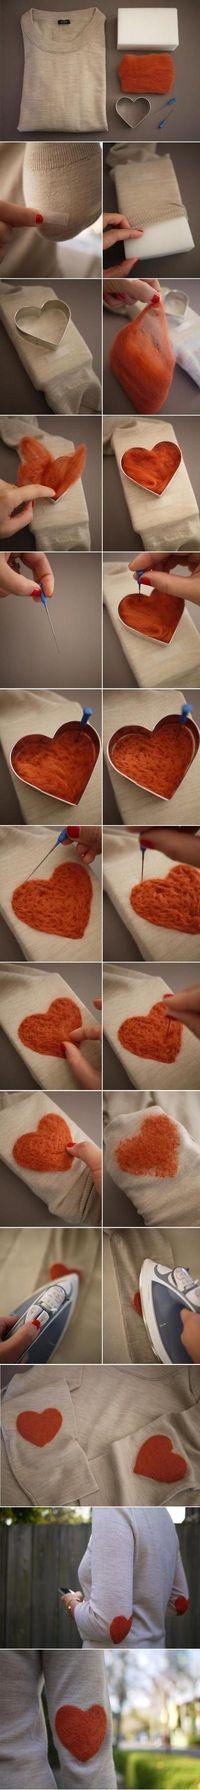 DIY heart on your sleeve